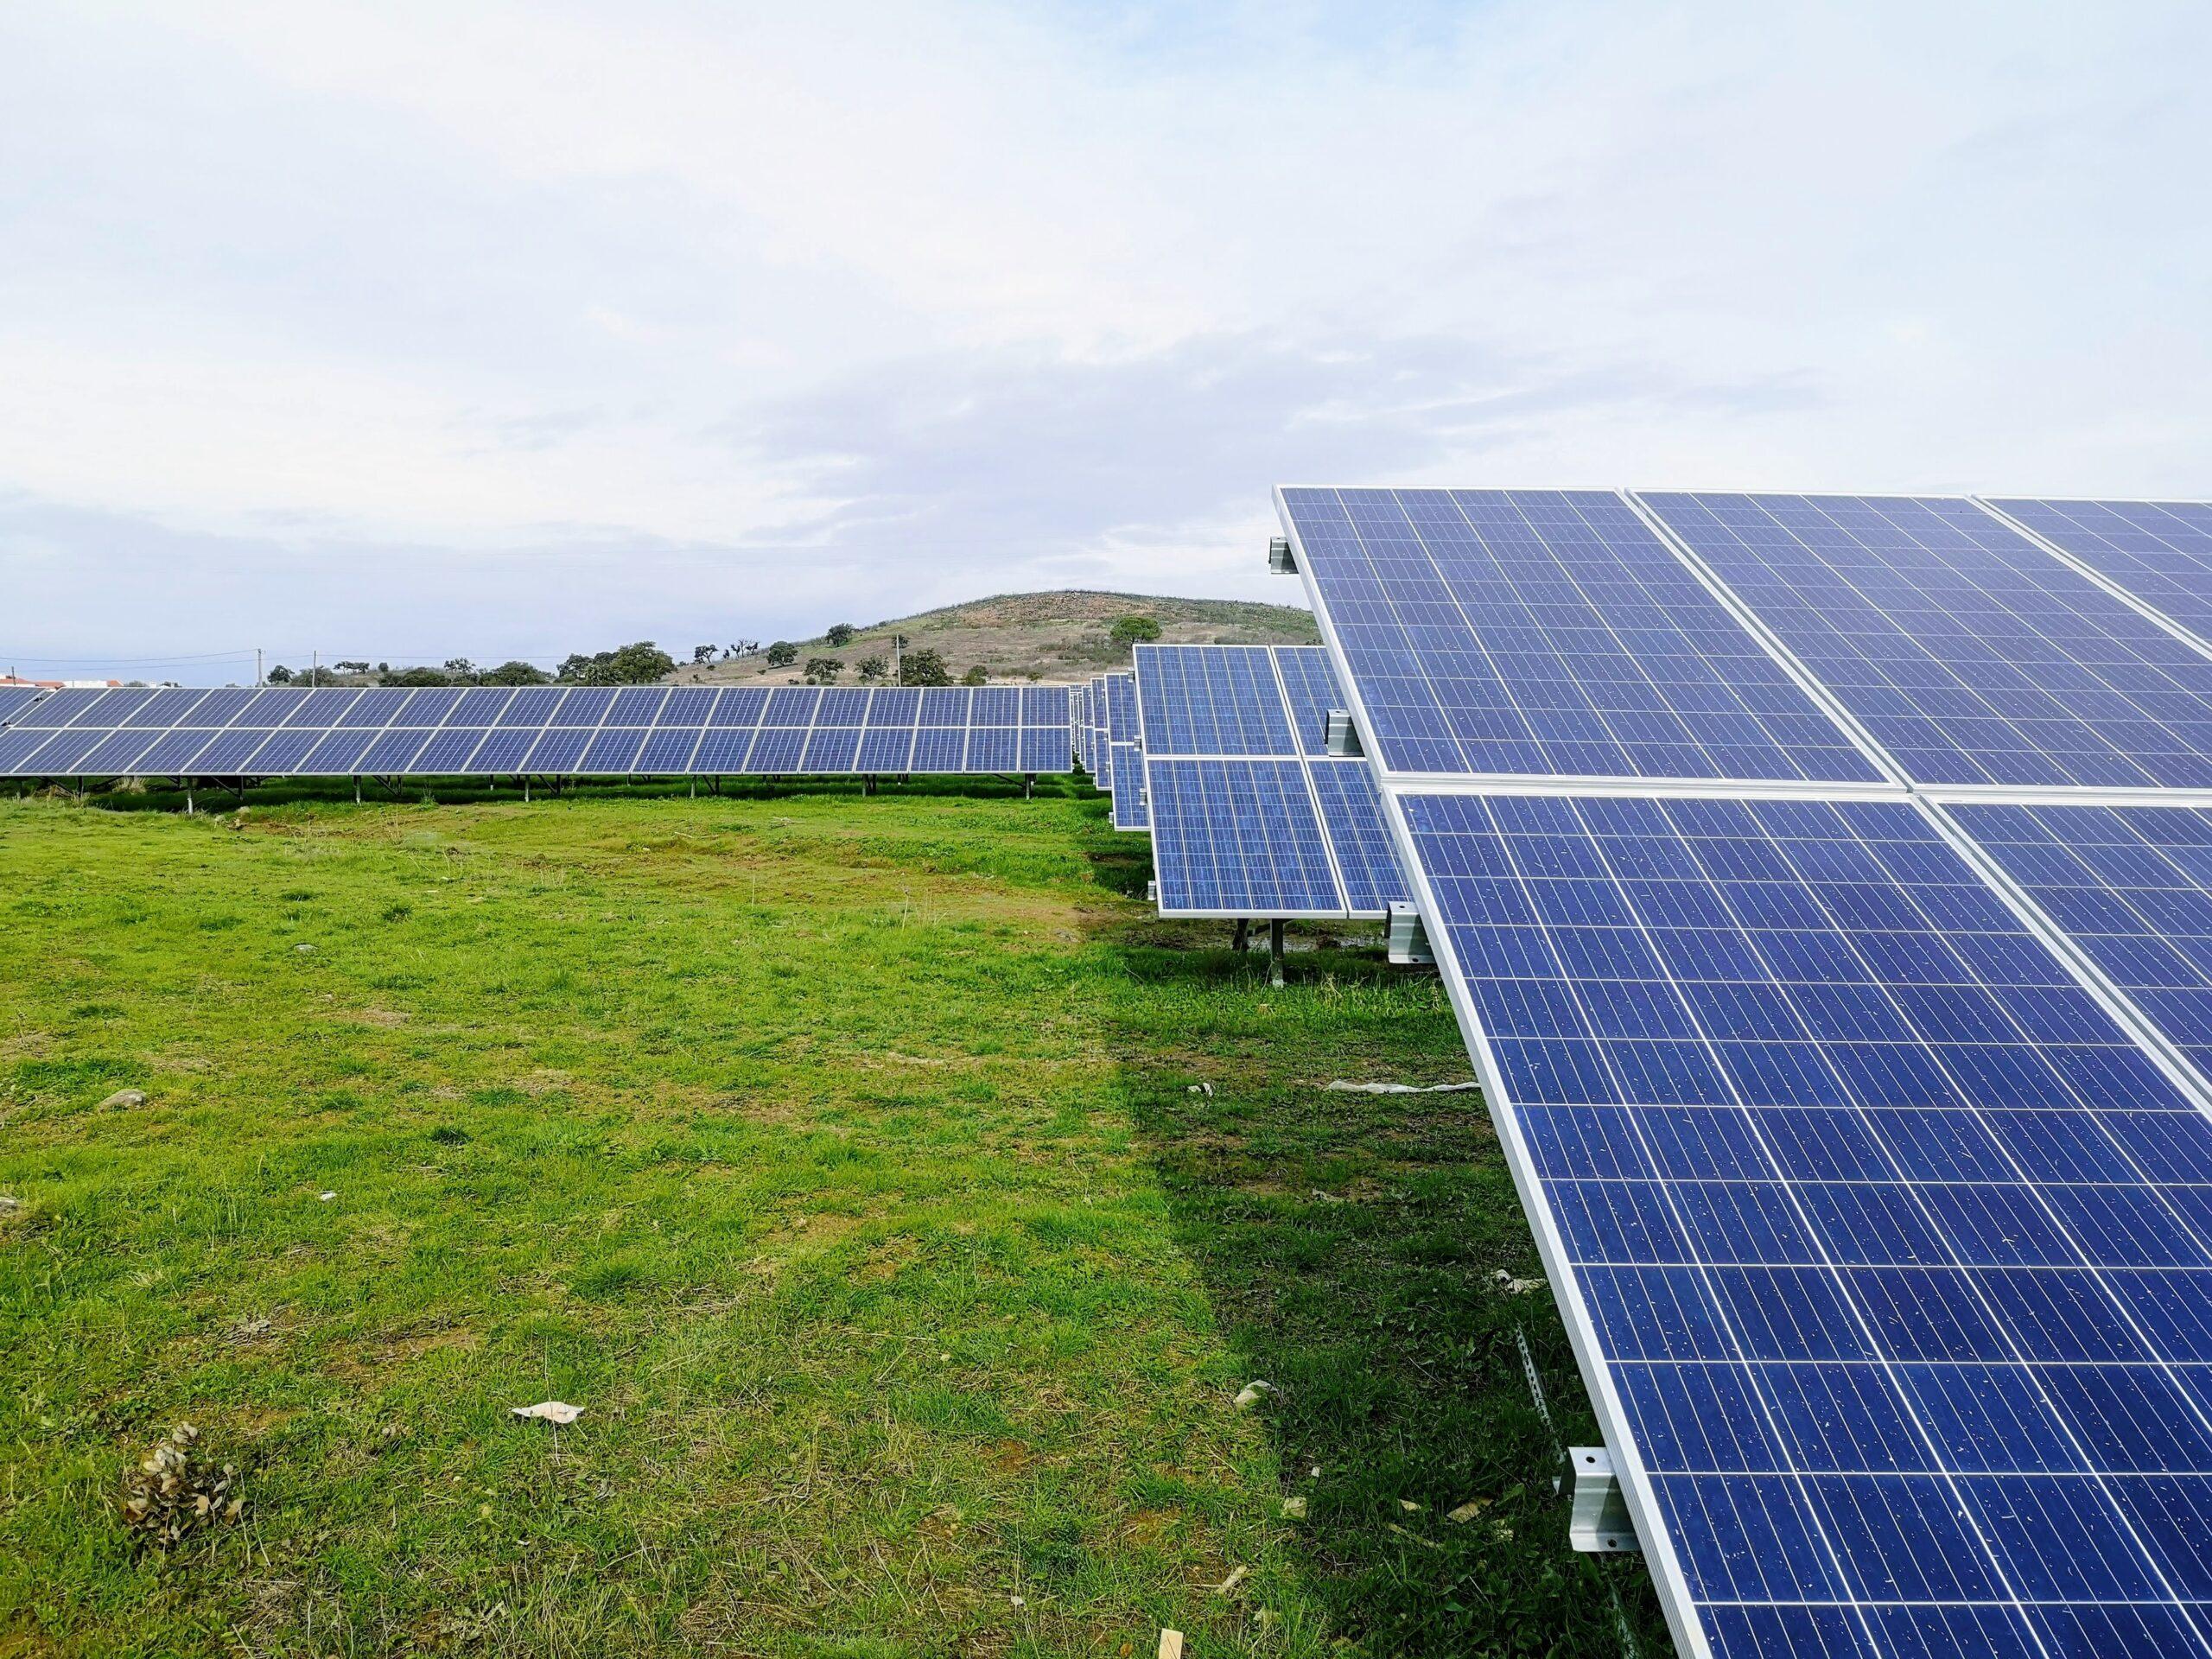 「目標7. エネルギーをみんなに そしてクリーンに」達成のために私たちができること